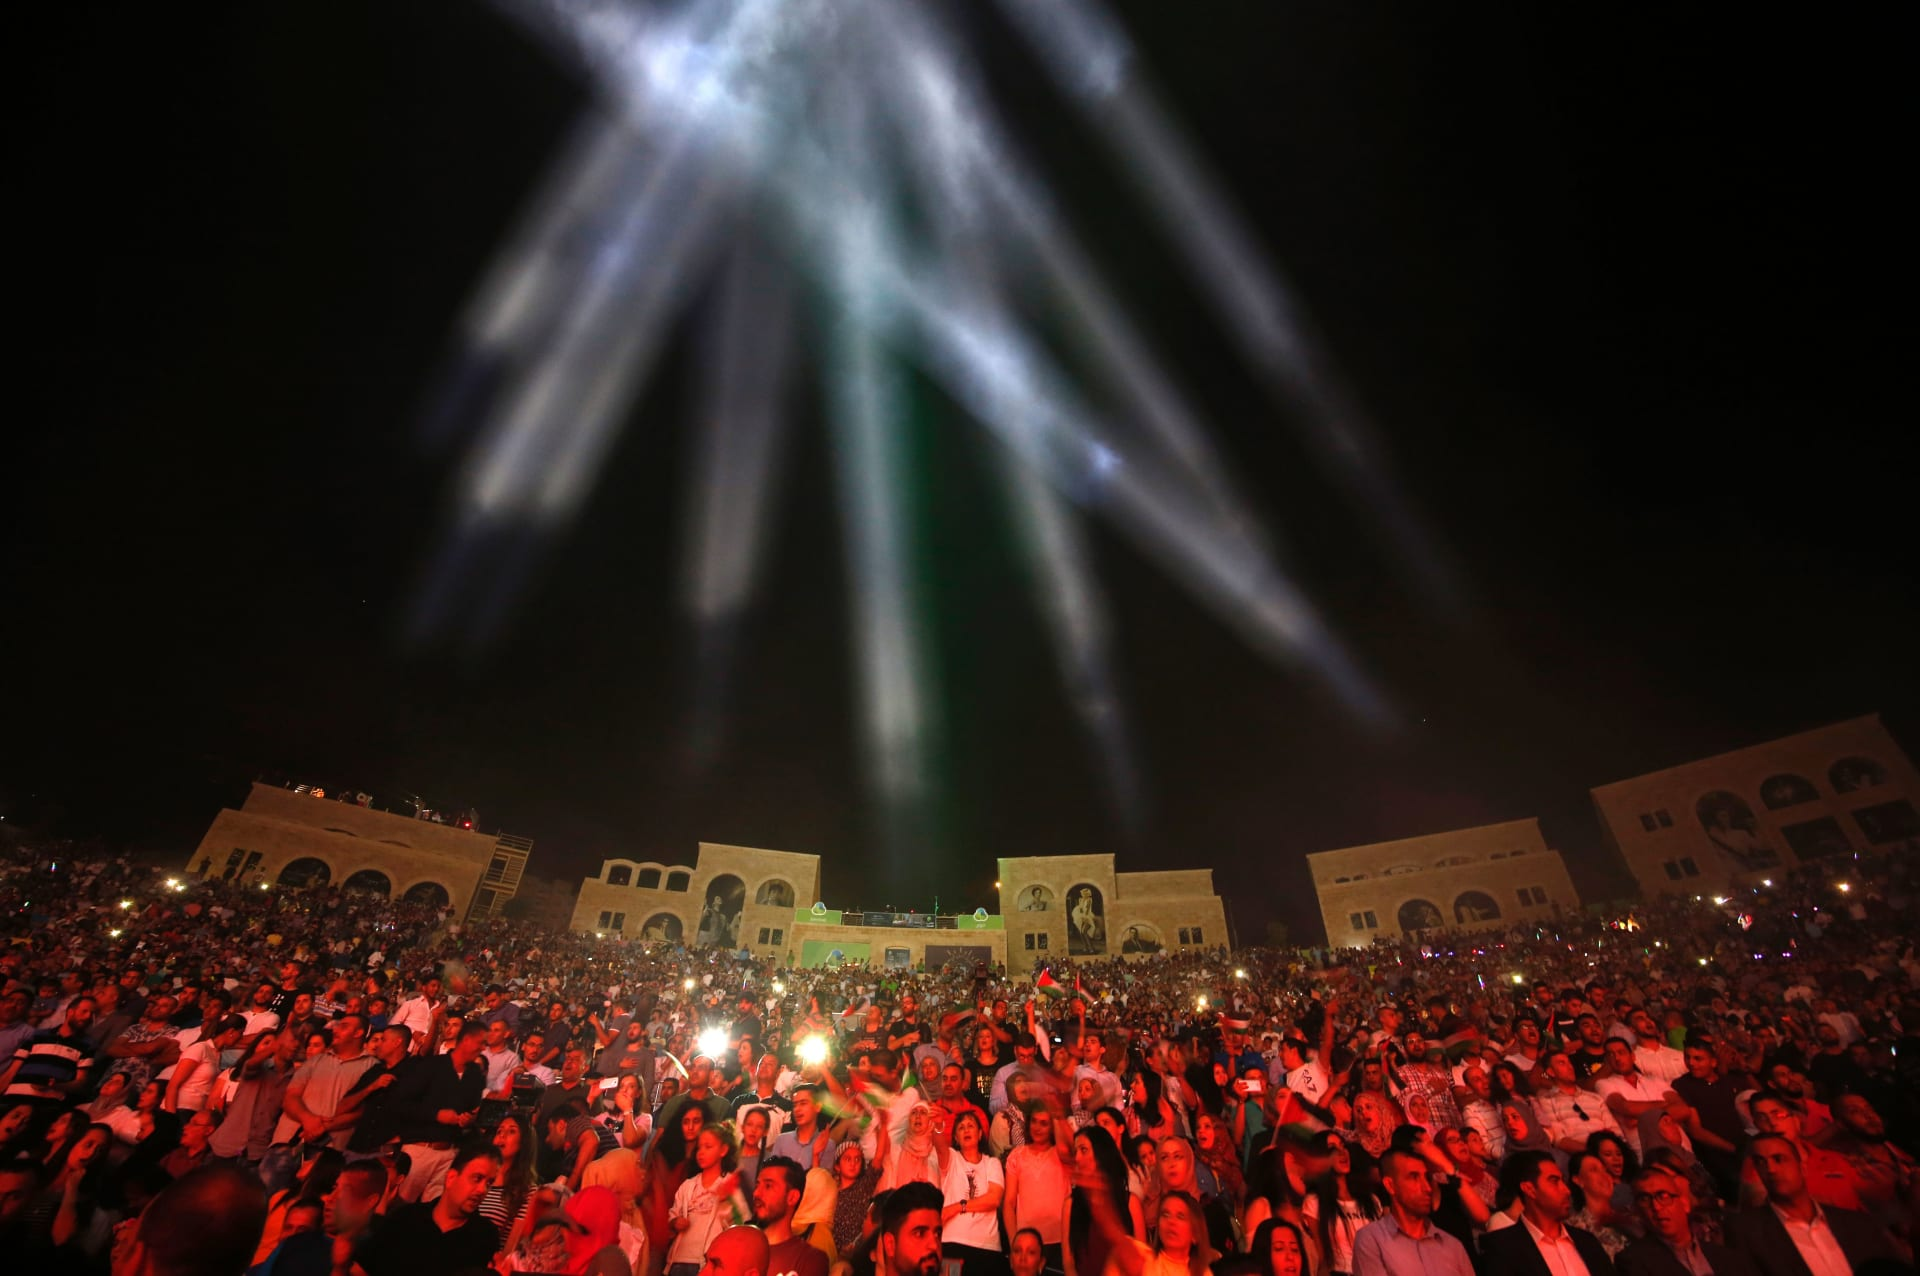 مطالب نقابية للحكومة بمنع 20 من فناني المهرجانات المصرية من الغناء في الأردن